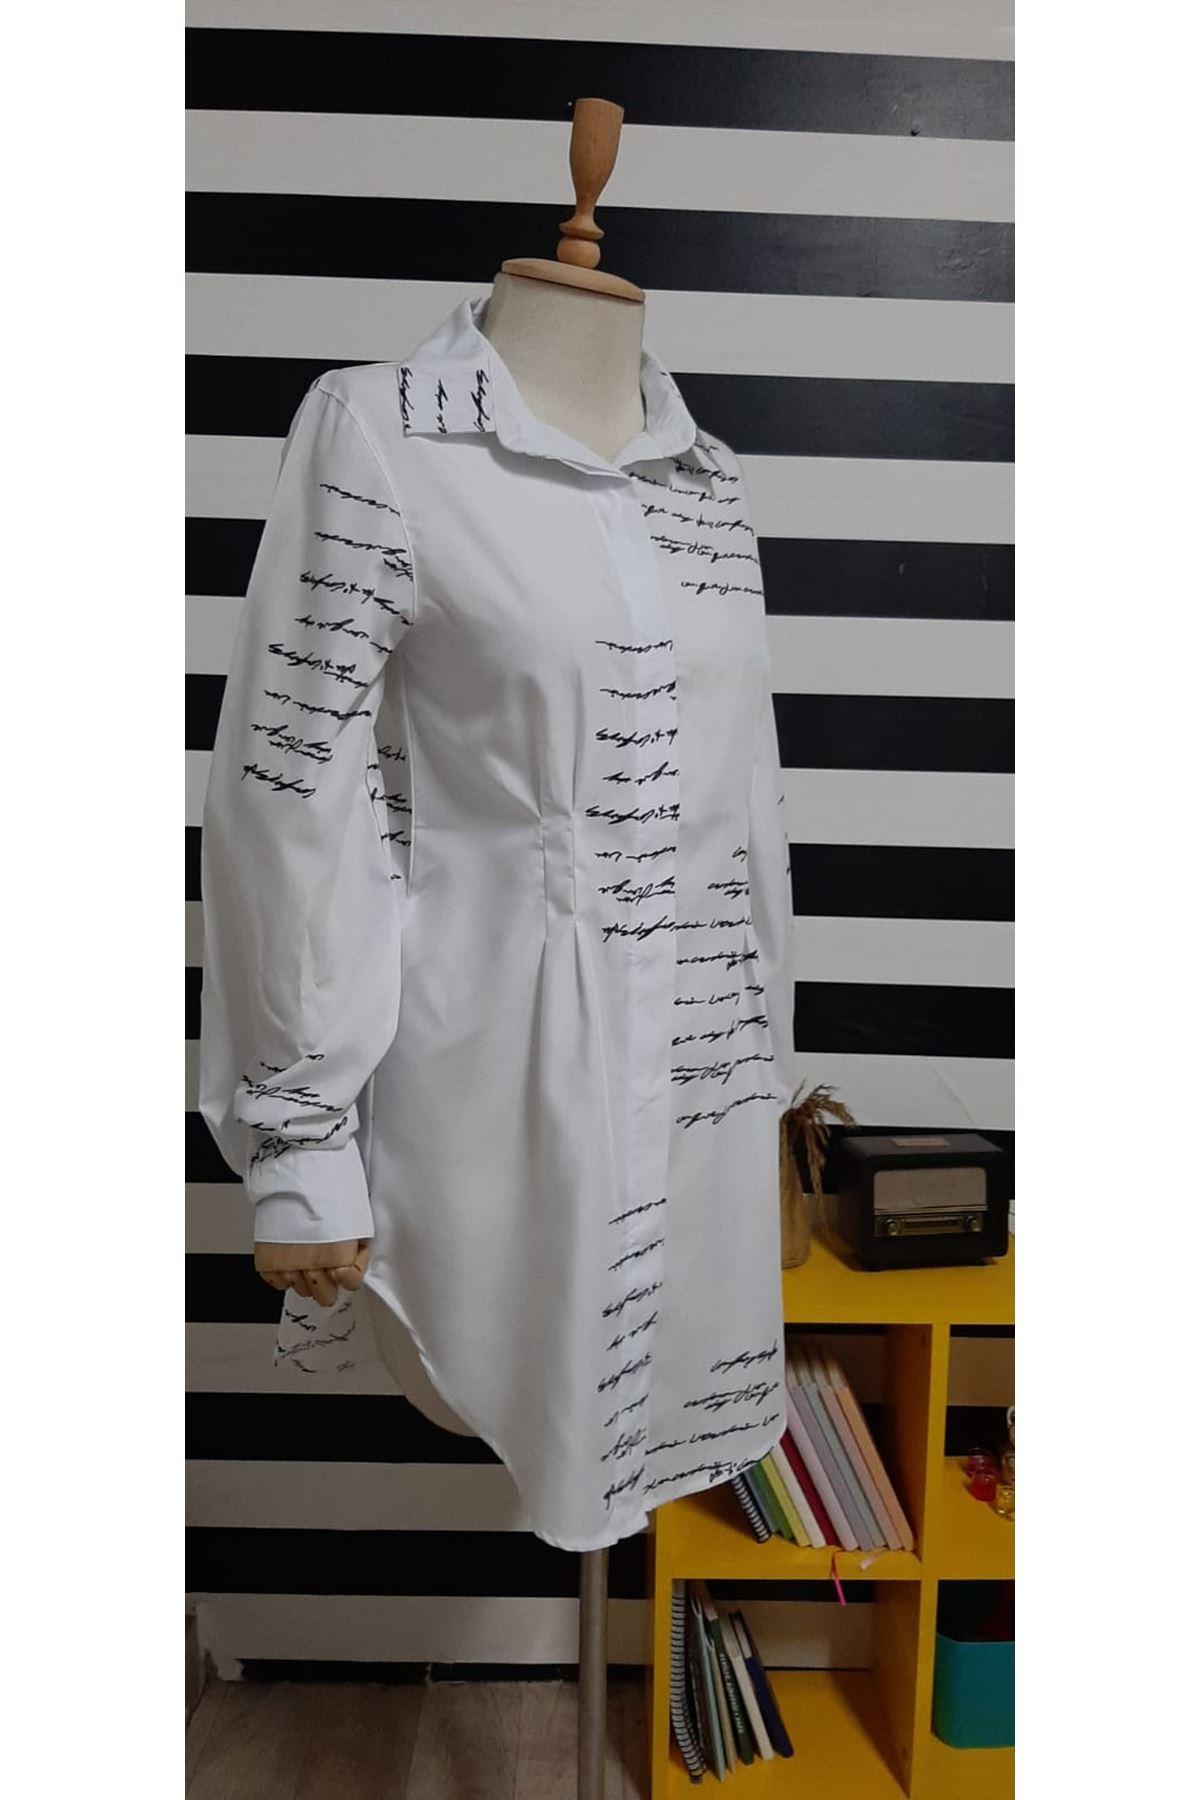 Baskılı Poplin Gömlek Elbise - BEYAZ